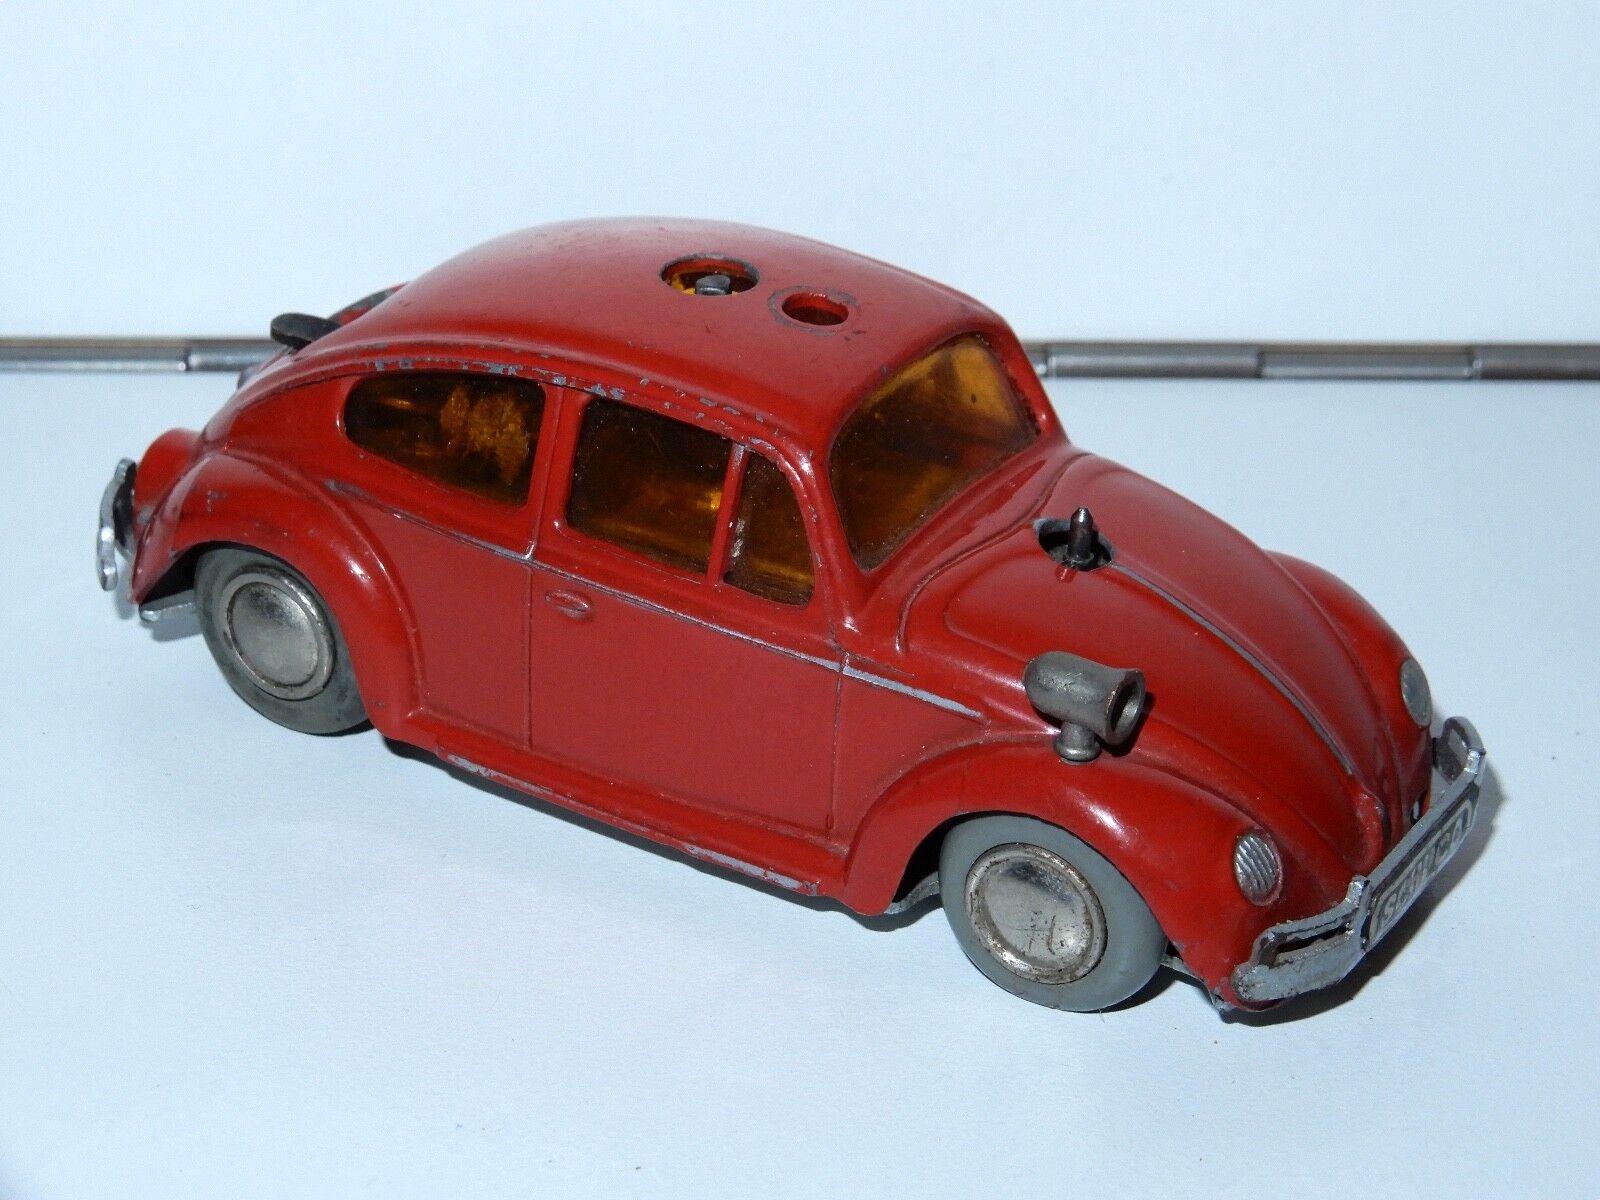 SCHUCO 3000 FERNLENKAUTO VW BEETLE FEUERWEHR FIRE BRIGADE 1950s GERMANY HTF